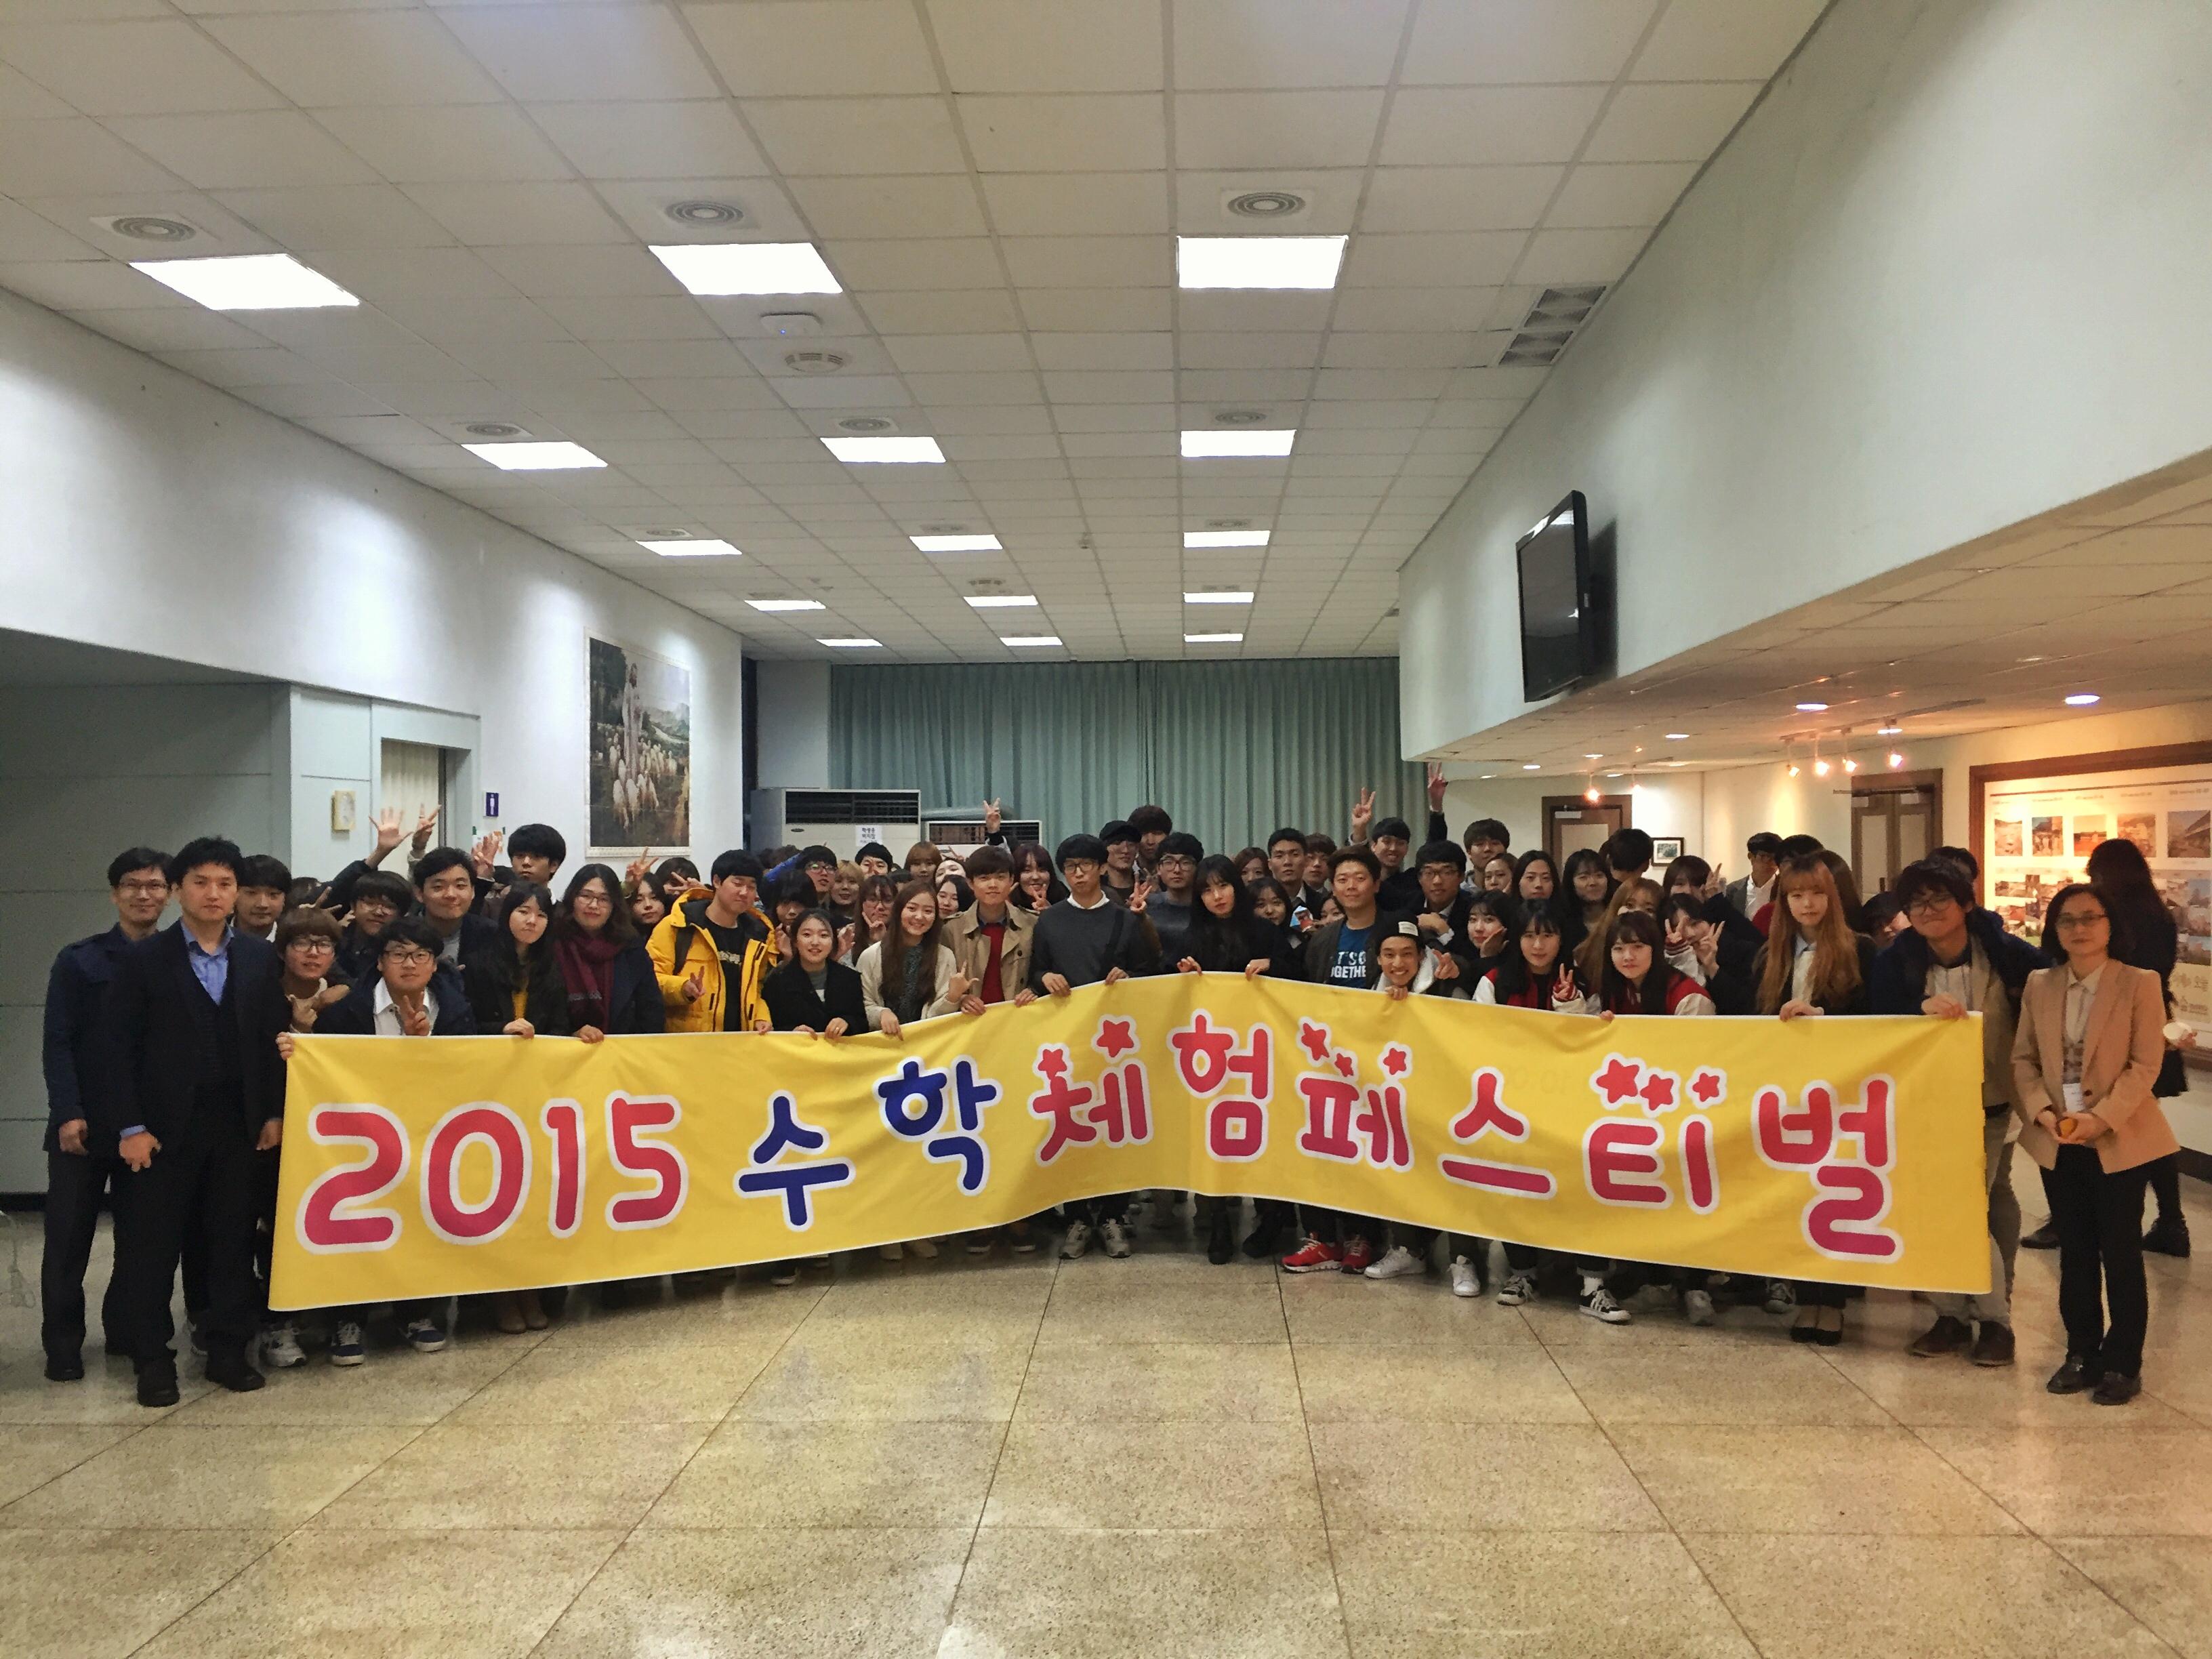 2015 수학체험페스티벌